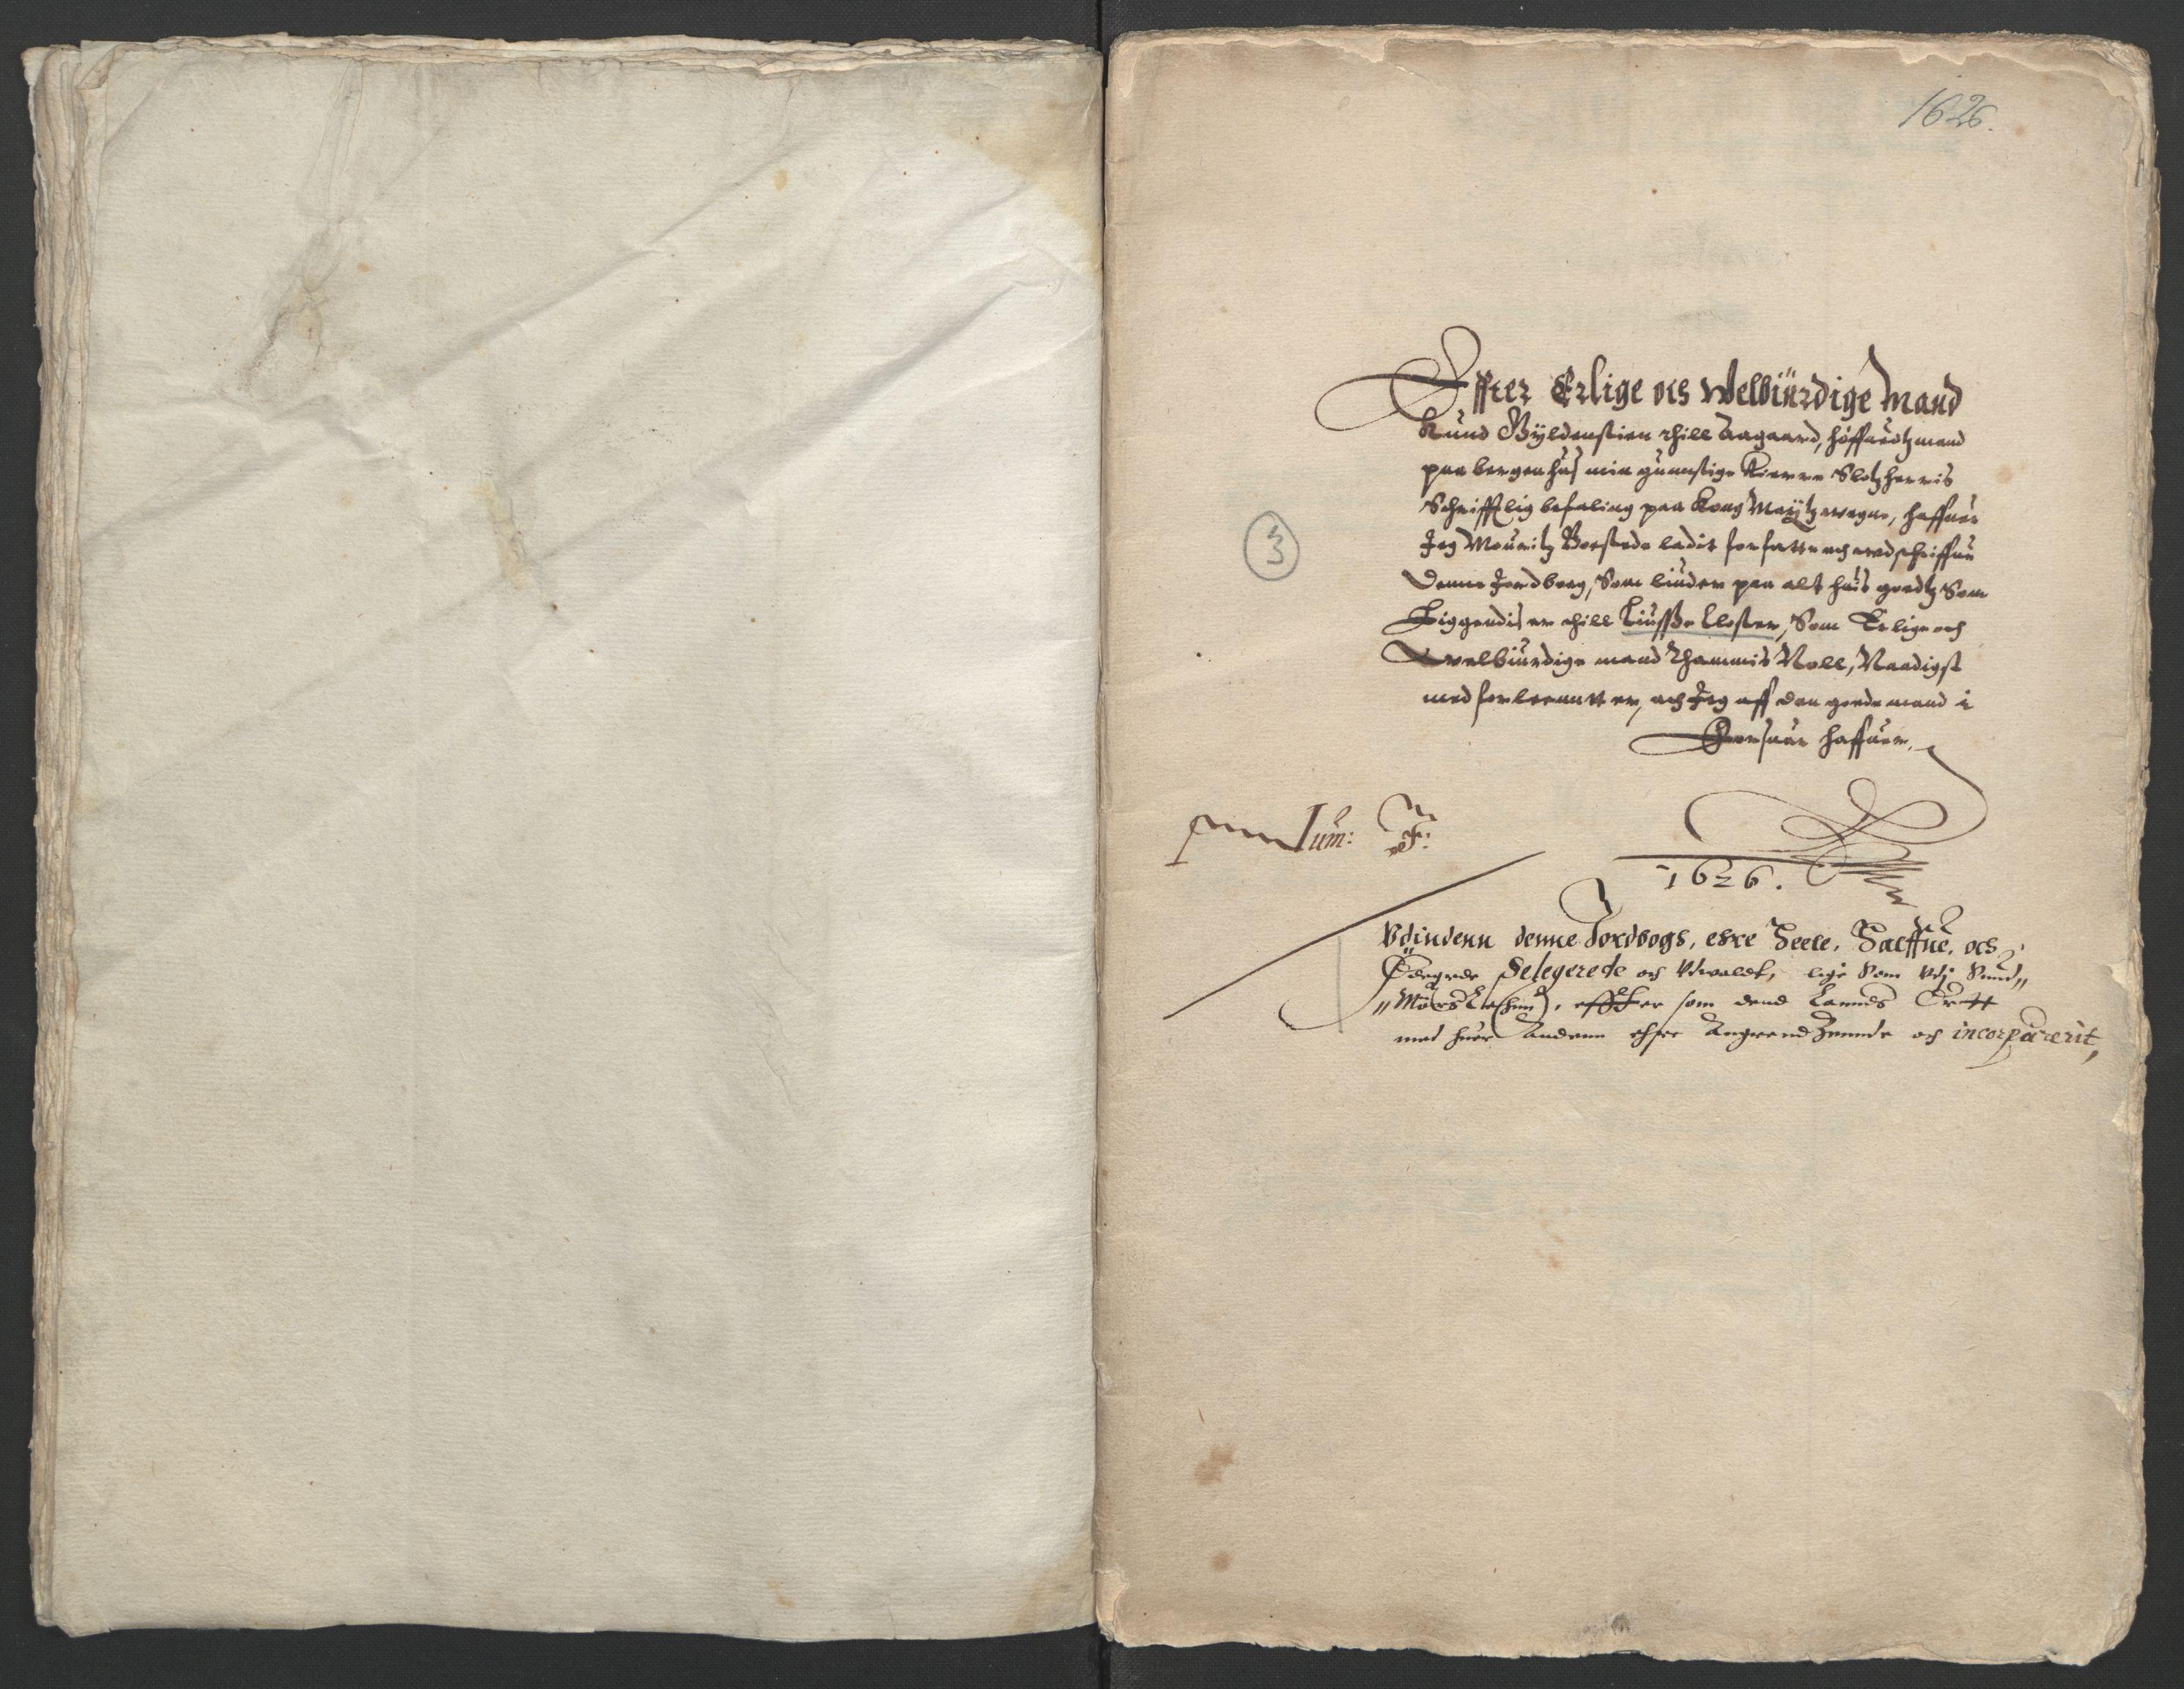 RA, Stattholderembetet 1572-1771, Ek/L0004: Jordebøker til utlikning av garnisonsskatt 1624-1626:, 1626, s. 102